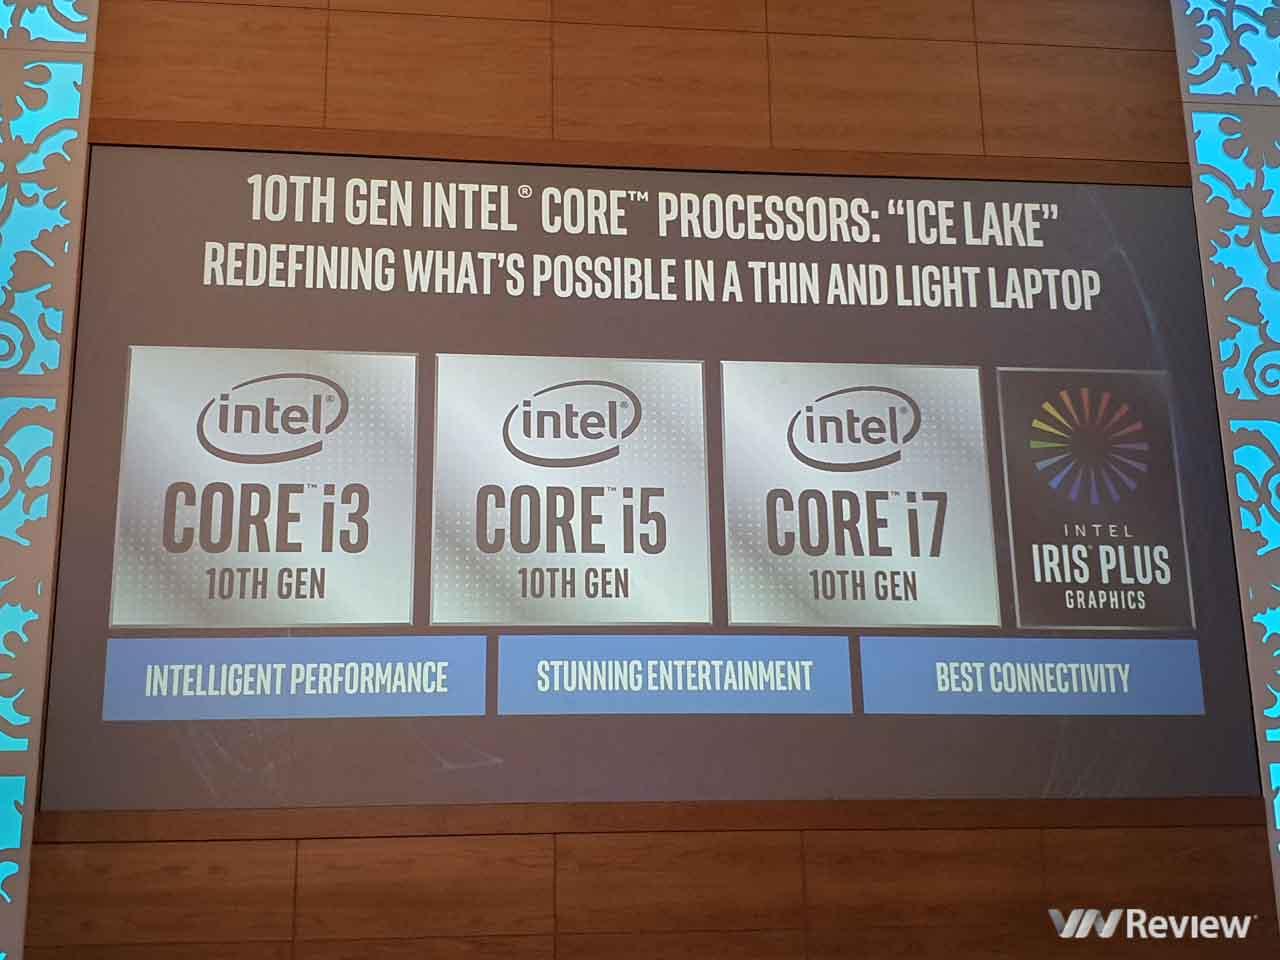 Intel trình diễn loạt laptop Project Athena mới nhất sử dụng CPU Core thế hệ 10, pin tối đa 16 tiếng, sạc nhanh 30 phút có 4 giờ sử dụng